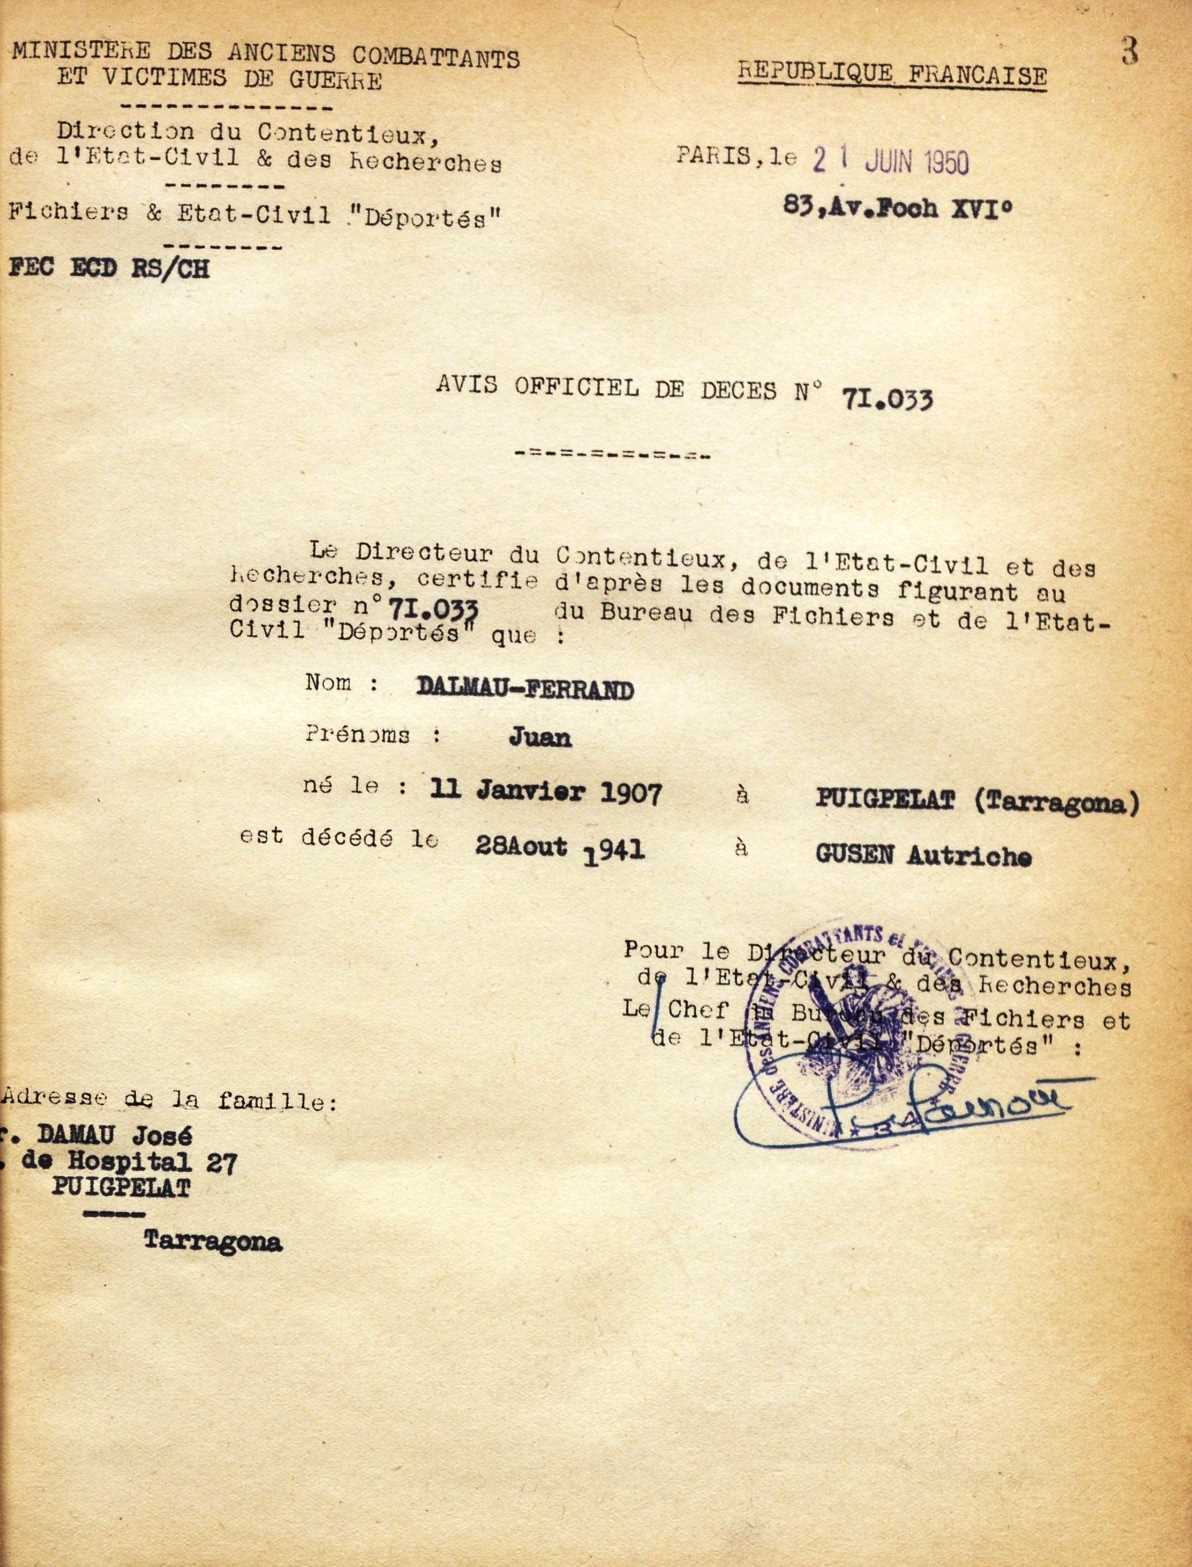 Certificat de defunció de Josep Dalmau Ferran